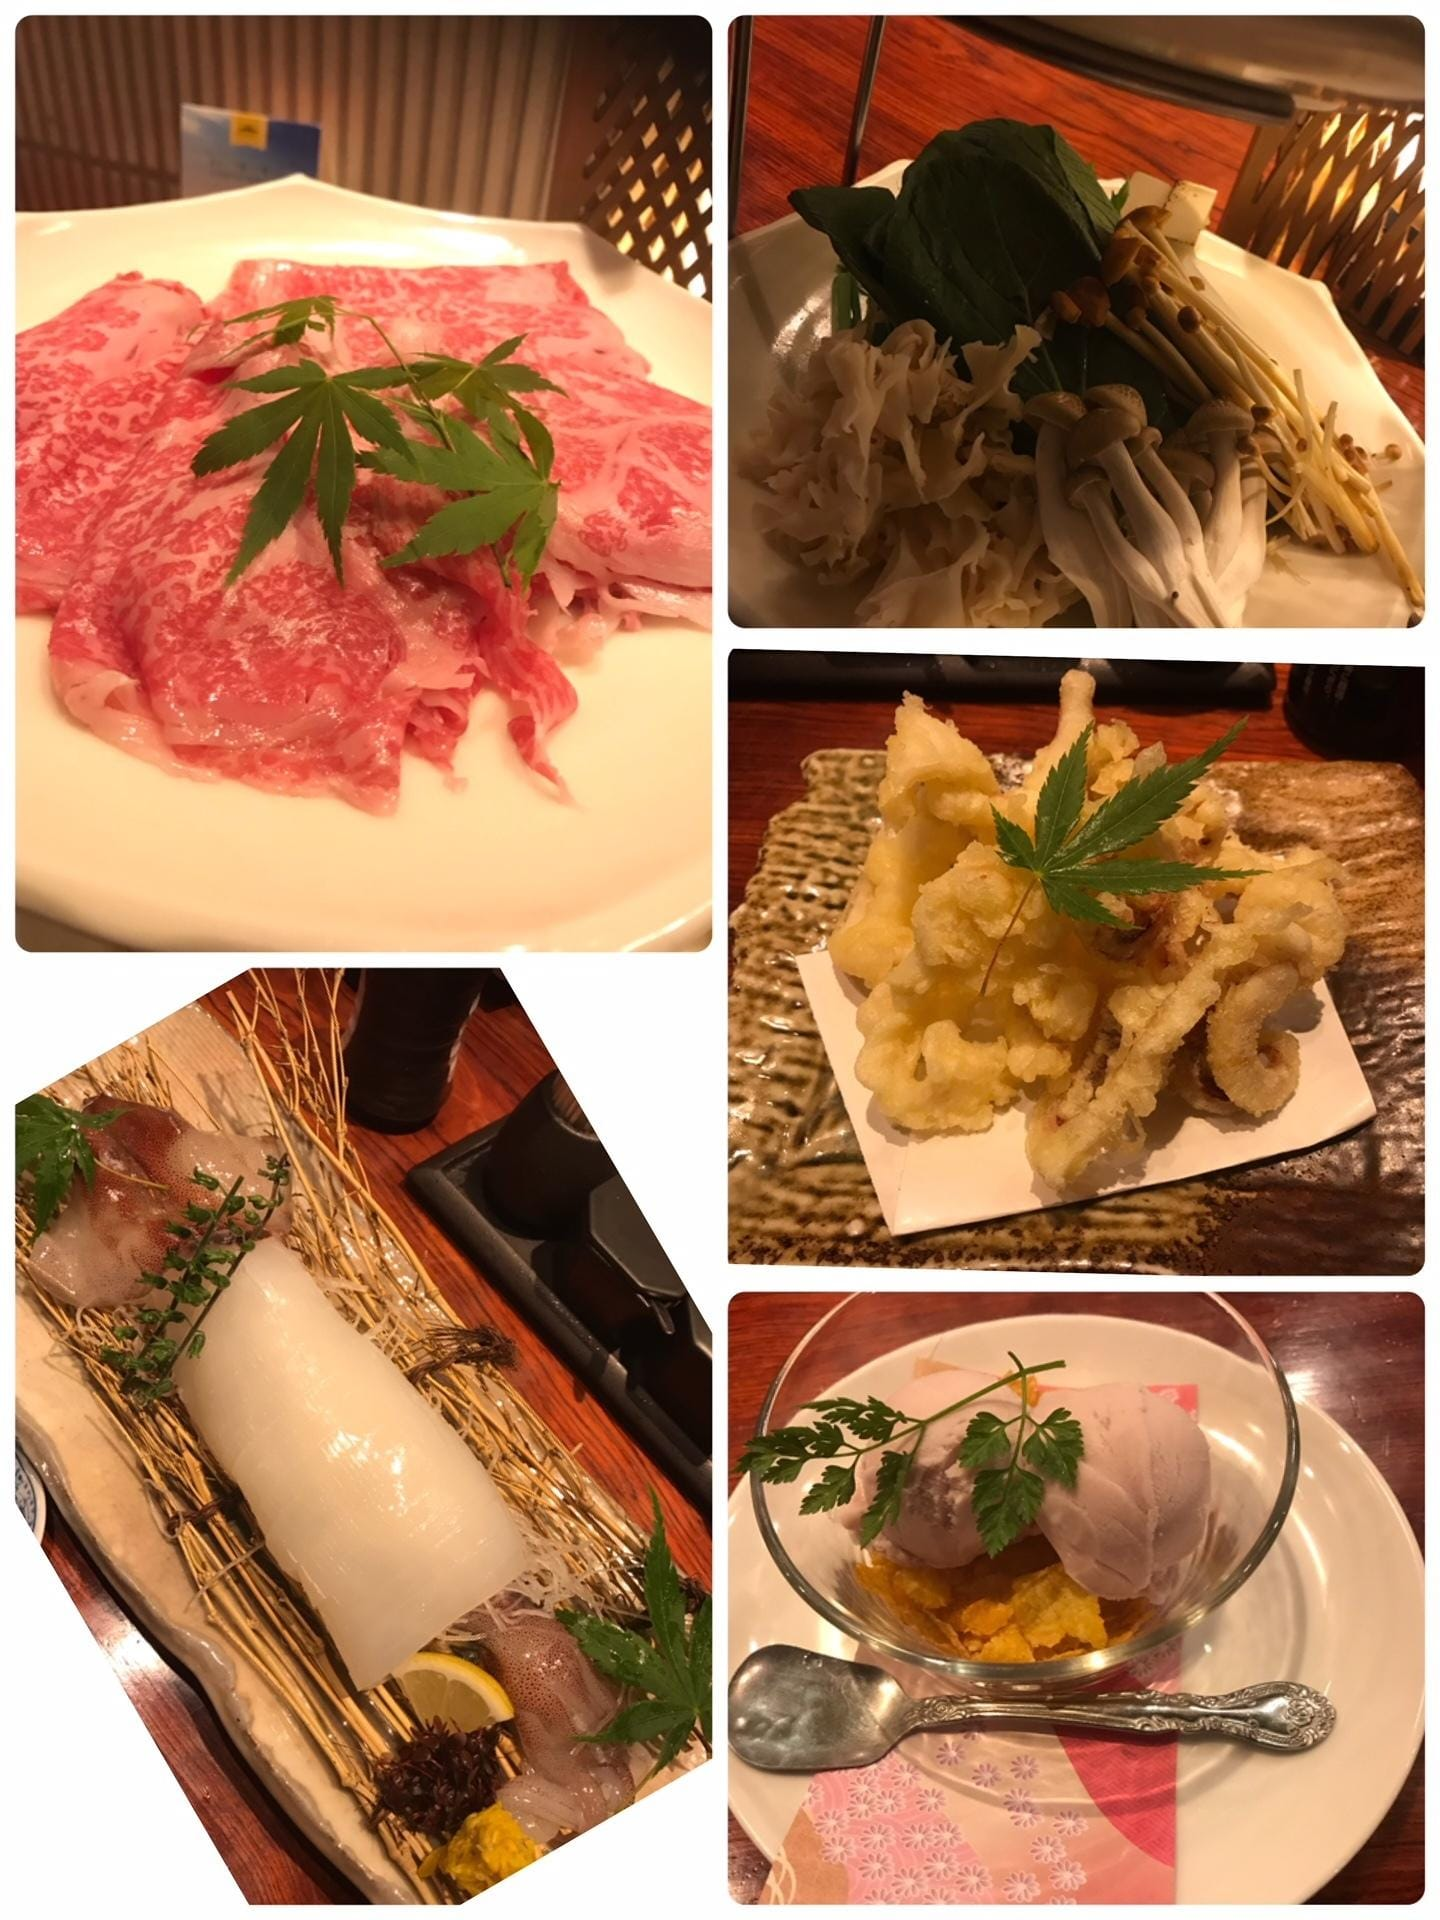 もな「menu 2」05/21(月) 00:01   もなの写メ・風俗動画